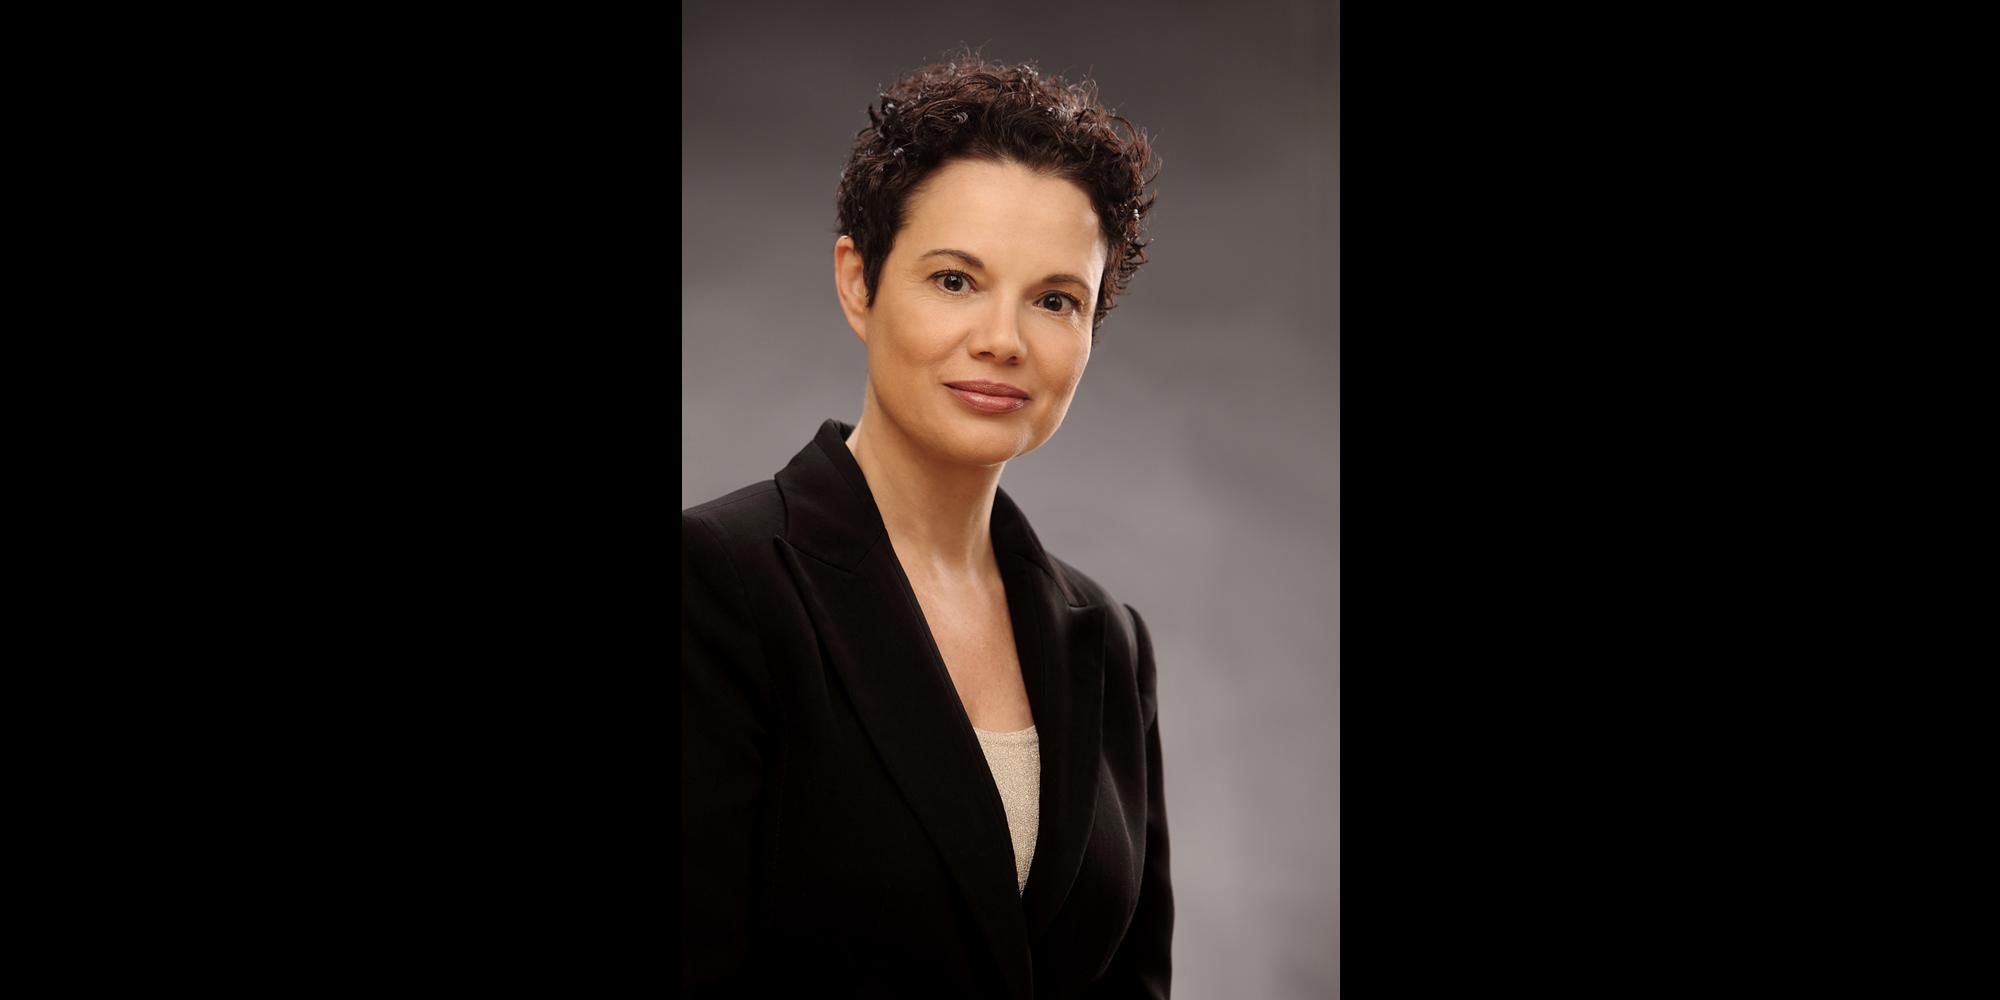 Farbportrait einer Frau mit dunklen, kurzen Haaren, die in schwarzem Business-Jackett und mit neutralem Gesichtsausdruck posiert für Bewerbungsfoto.